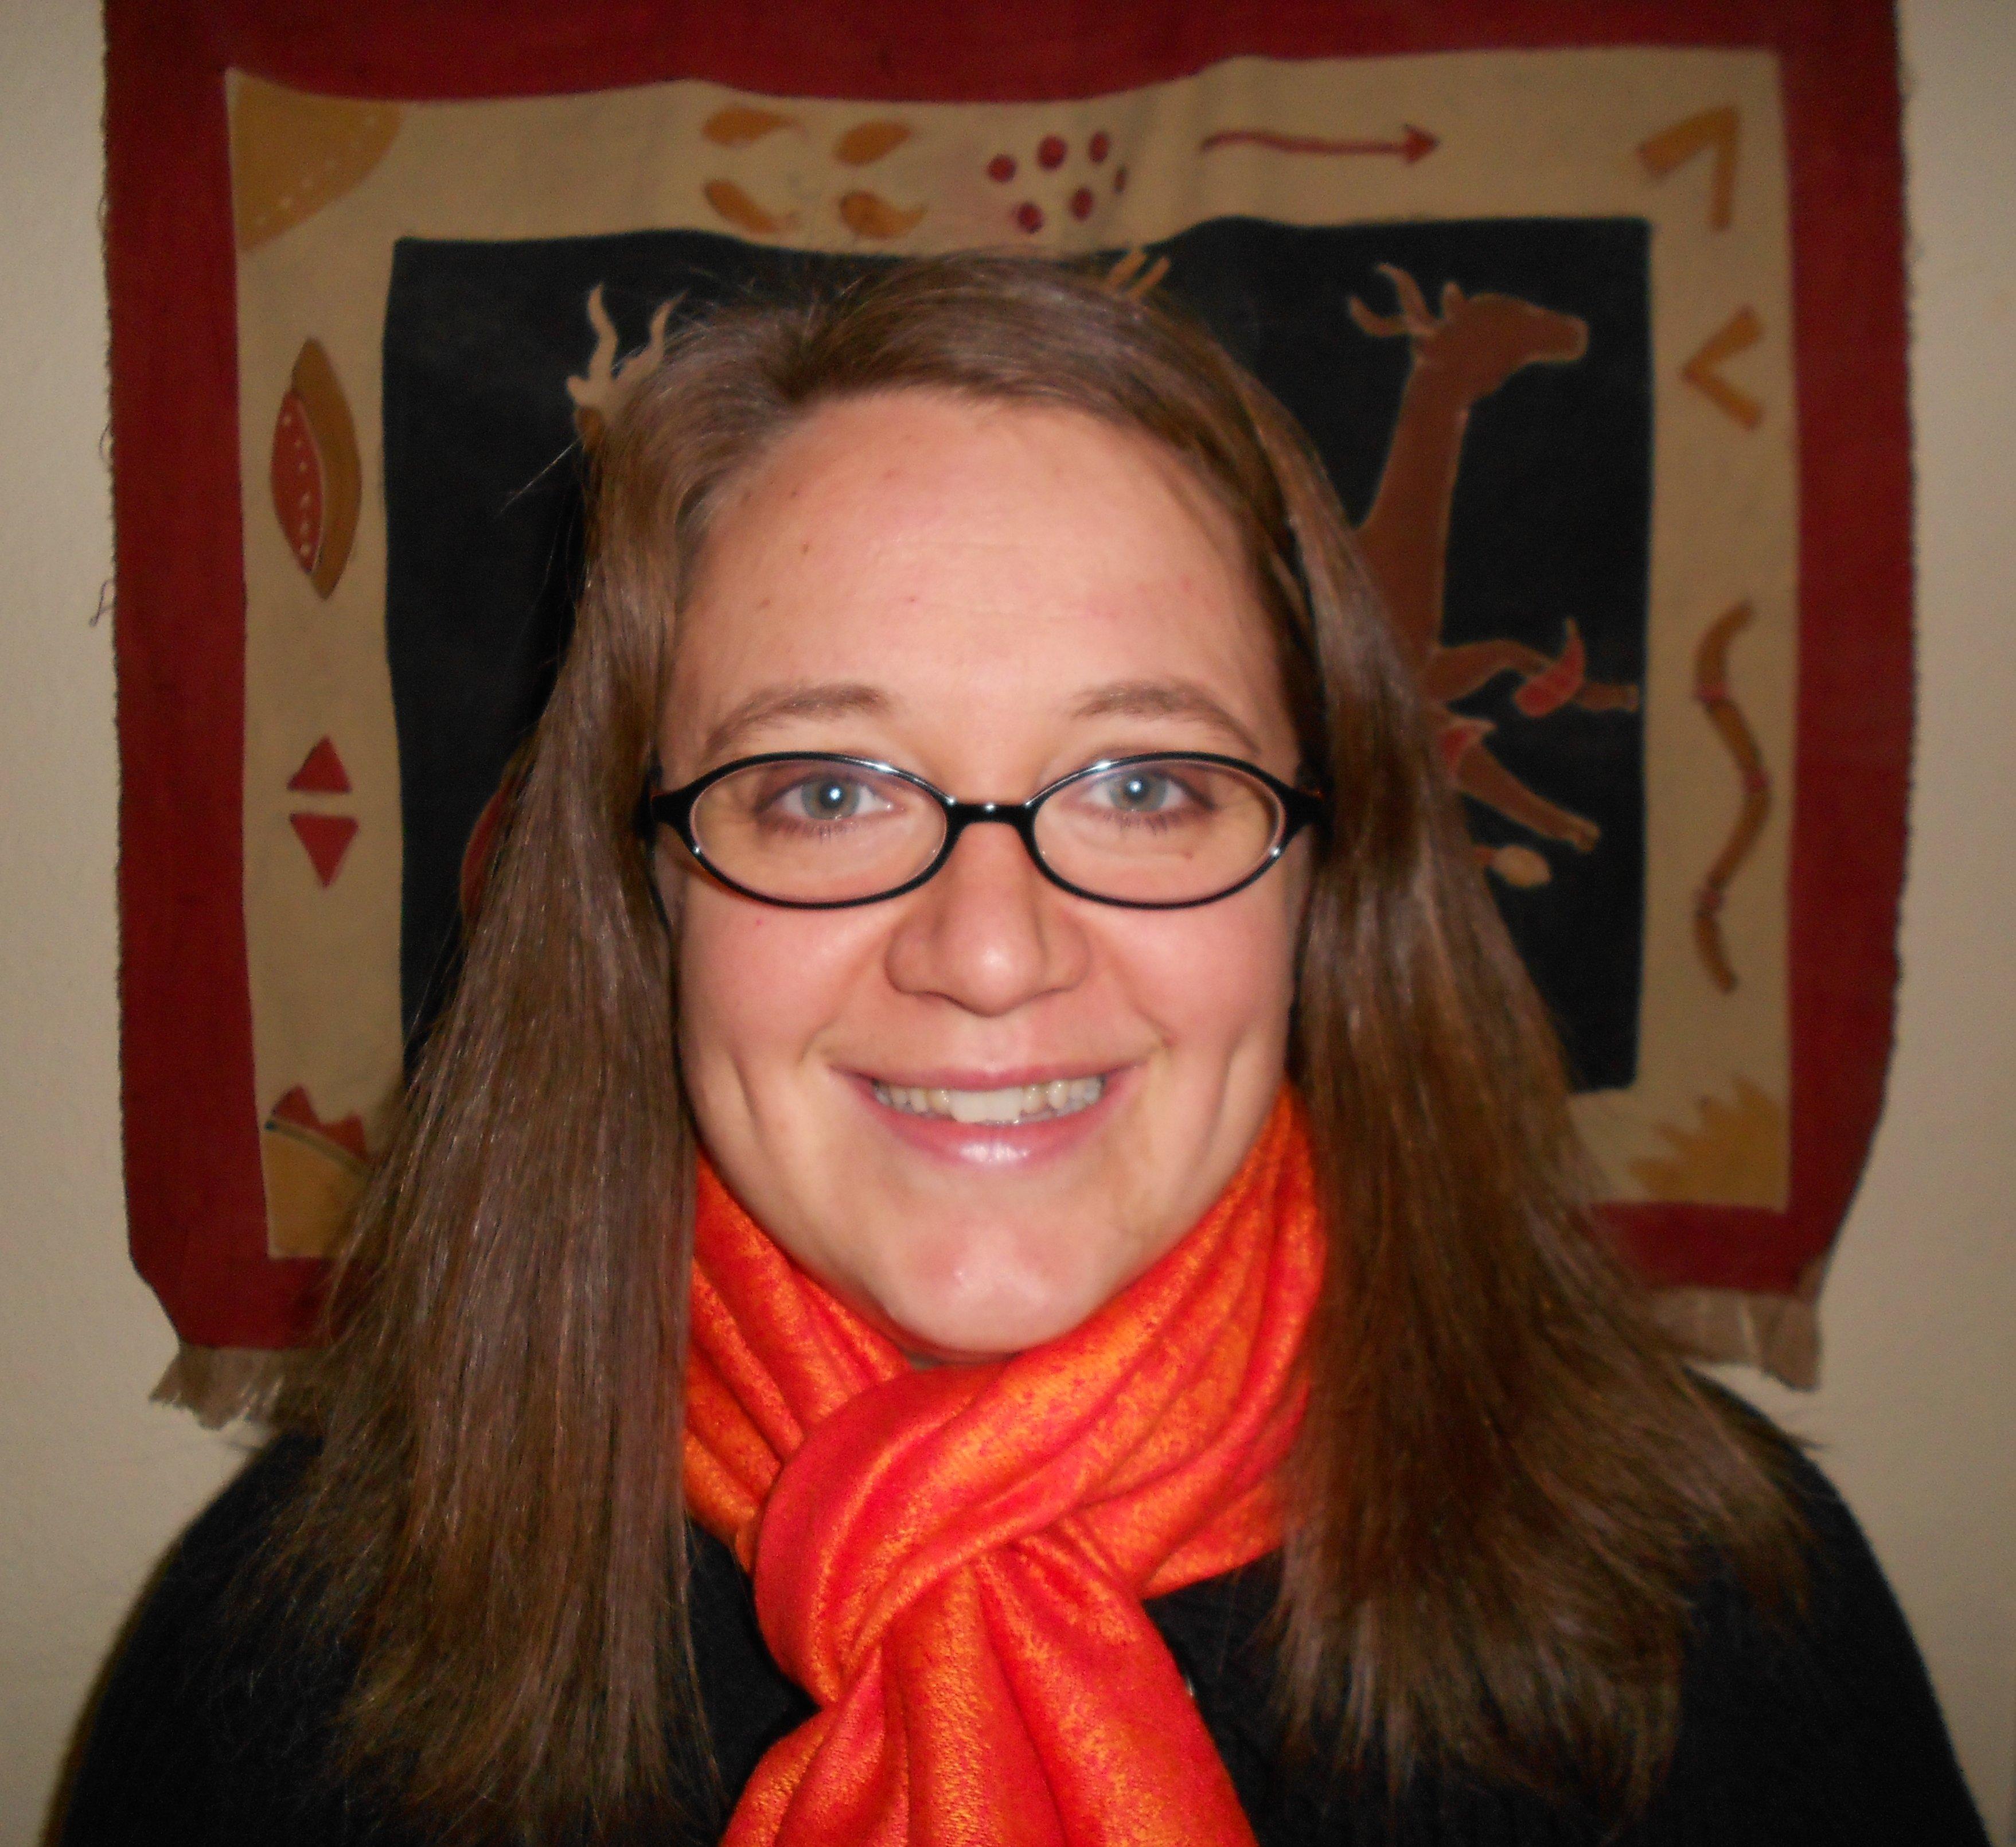 Lindsay Kinman, Student Midwife